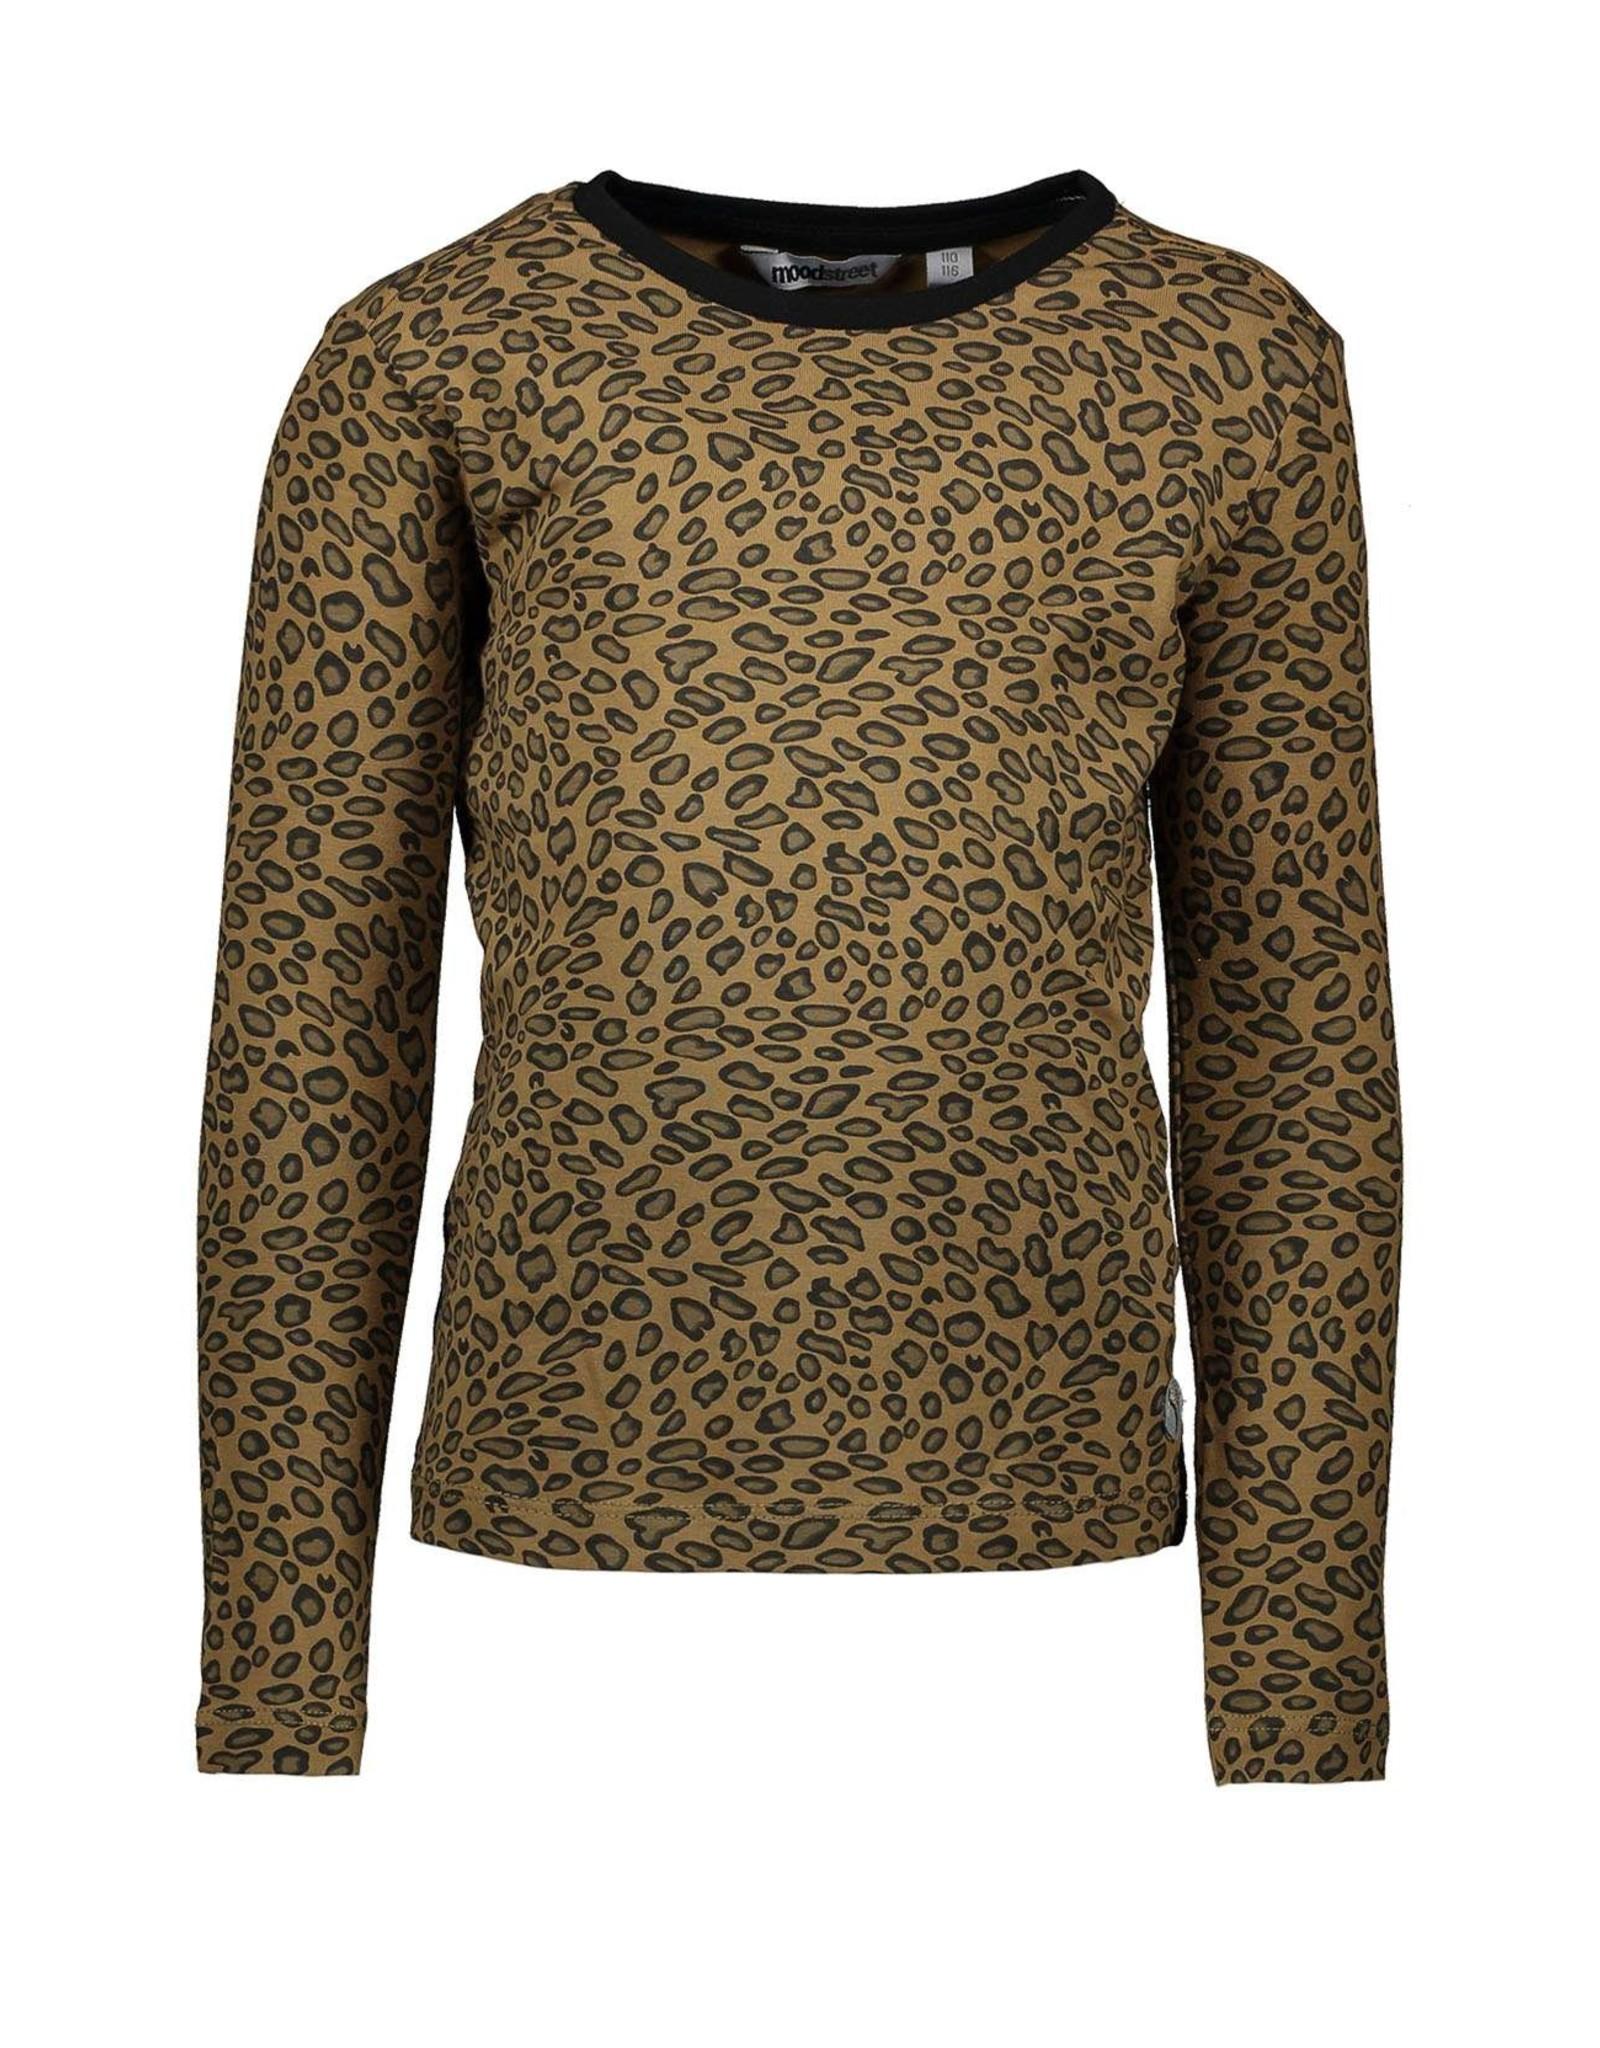 Moodstreet Moodstreet-MT AOP-T Shirt-Leopard